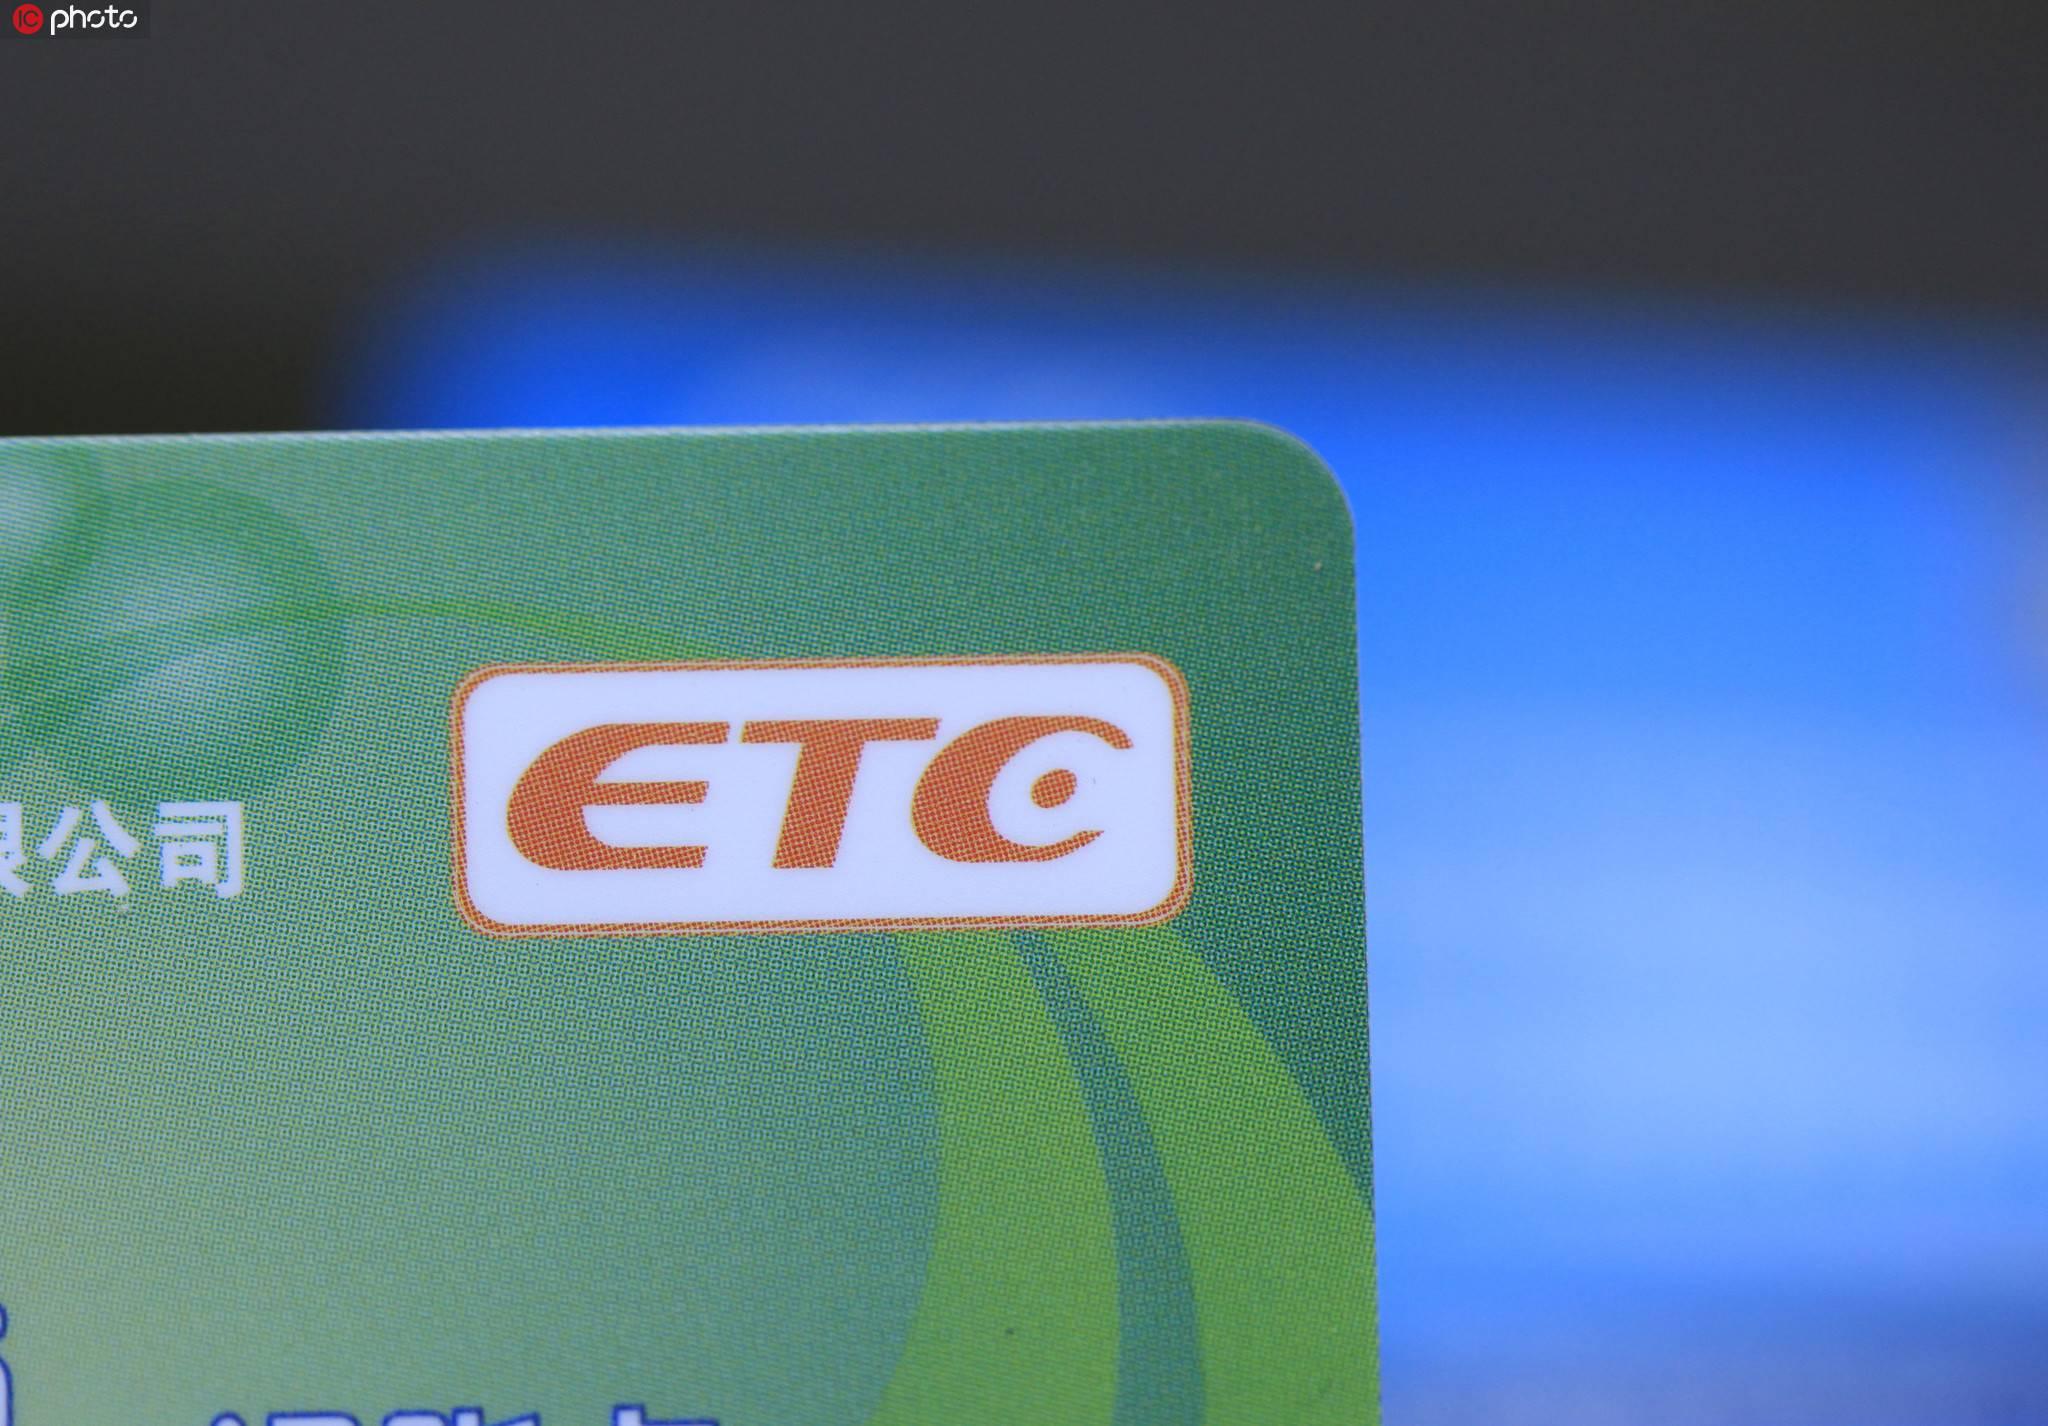 交通 智慧 ETC 货车,ETC,金融机构,高速公路